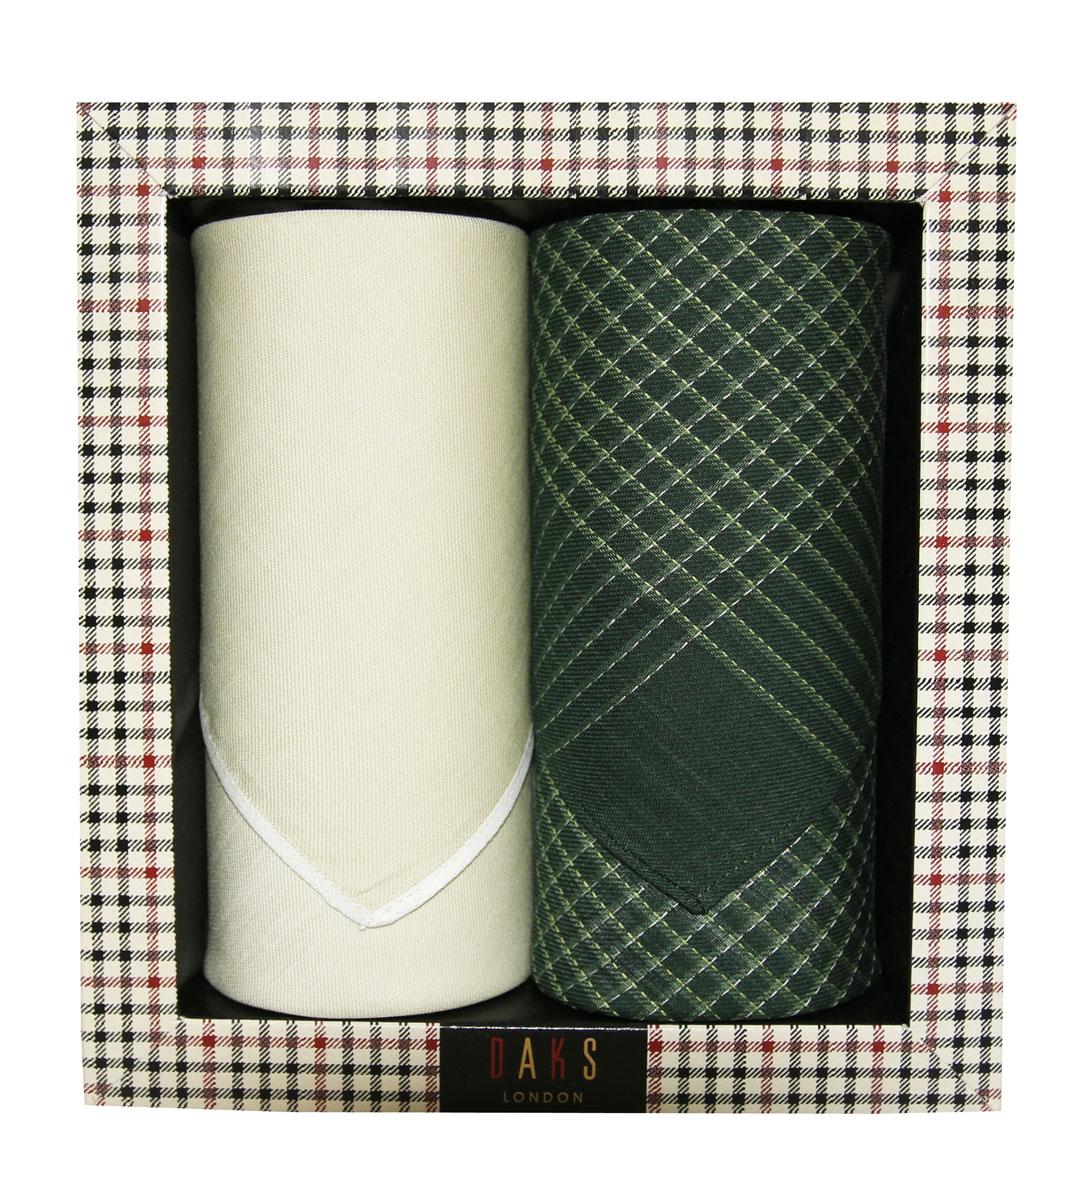 60006-1 Zlata Korunka Носовой платок мужской, цвет: мультиколор, 43х43 см, 2 шт60006-1Платки носовые мужские в упаковке по 2 шт. Носовые платки изготовлены из 100% хлопка, так как этот материал приятен в использовании, хорошо стирается, не садится, отлично впитывает влагу.